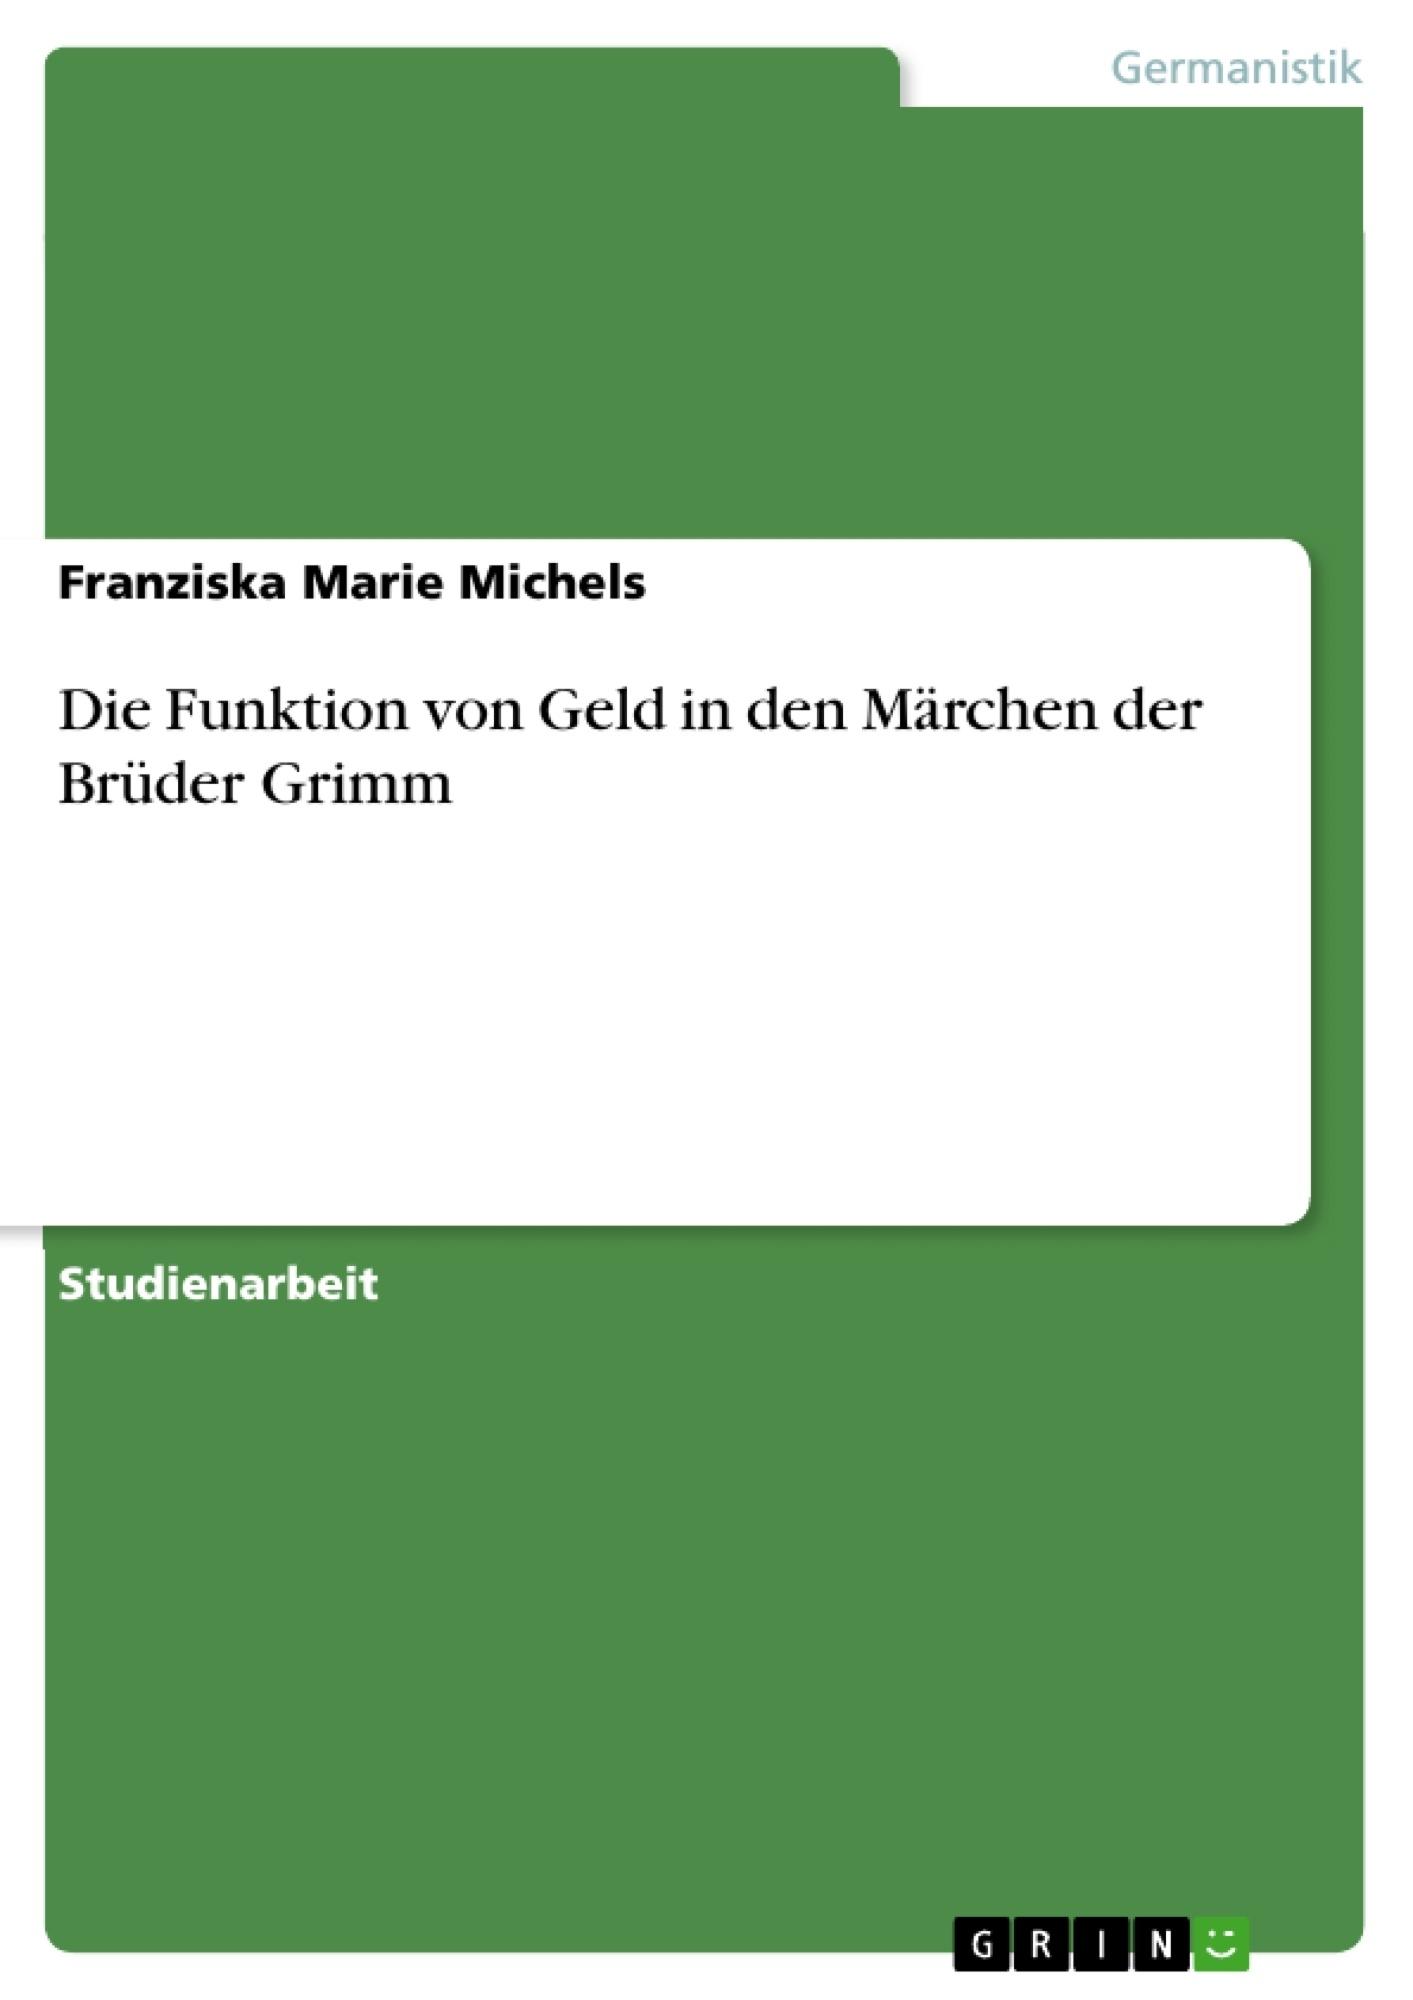 Titel: Die Funktion von Geld in den Märchen der Brüder Grimm